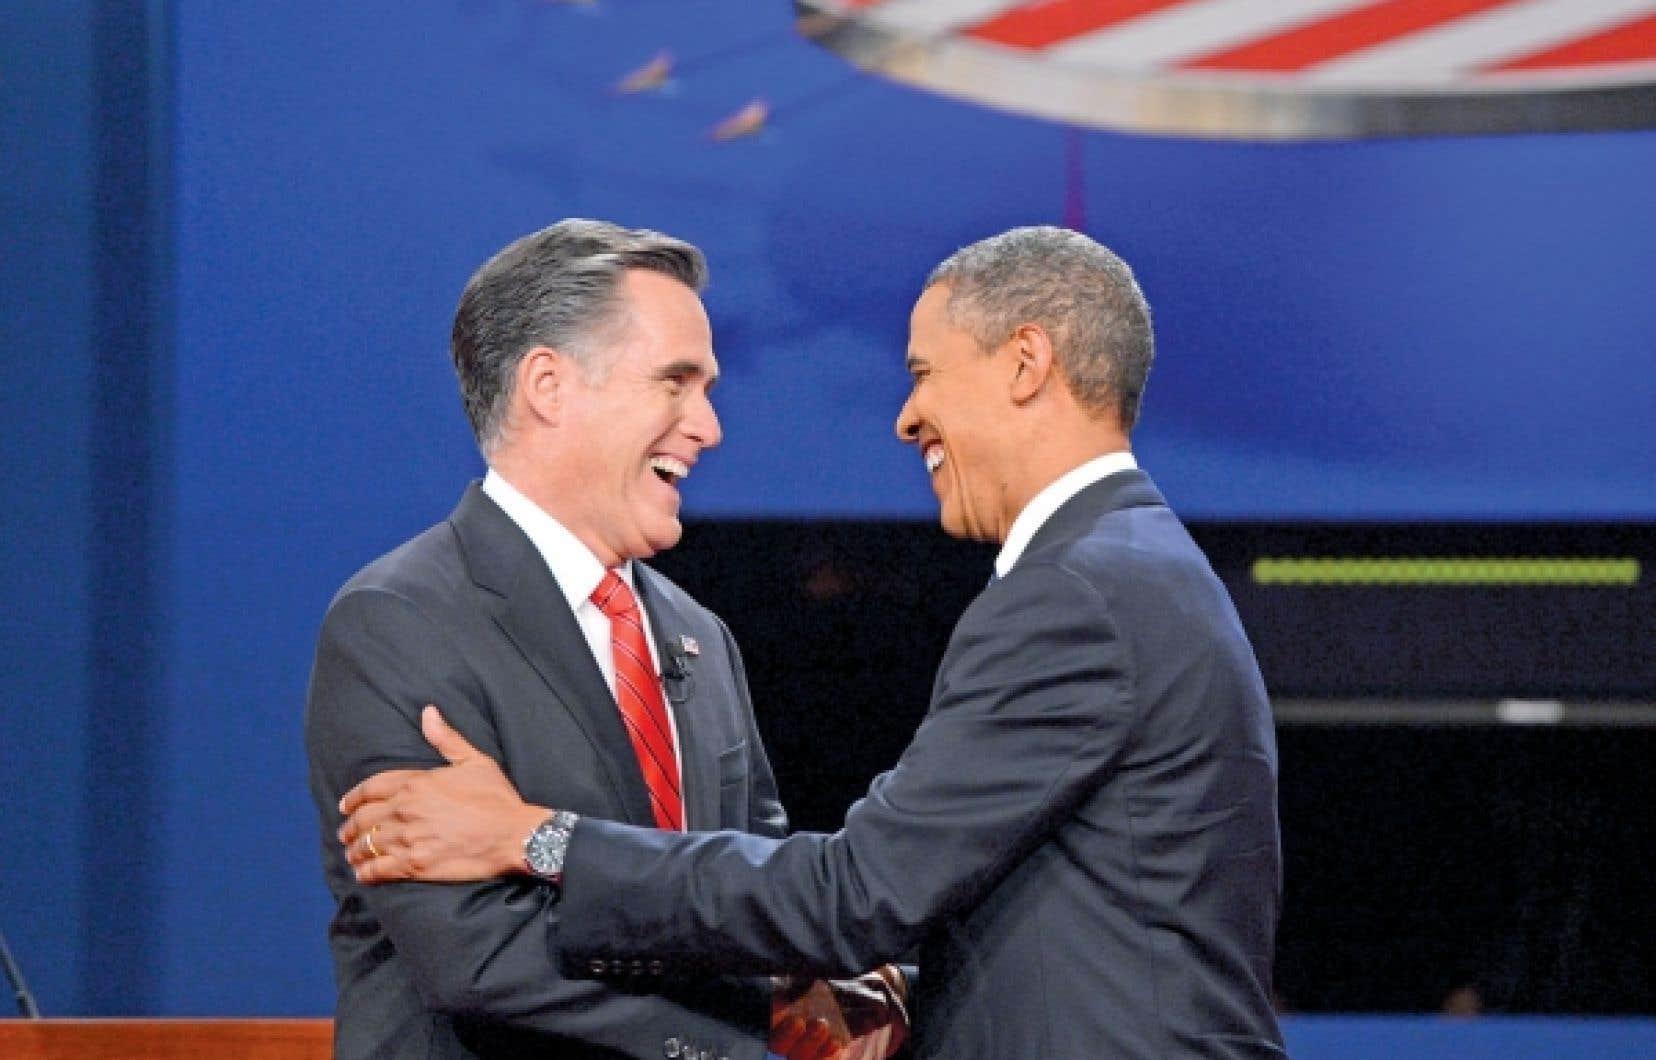 <div> Mitt Romney et Barack Obama à leur arrivée sur la scène de l'Université de Denver où avait lieu le premier des trois débats entre les deux candidats.</div>